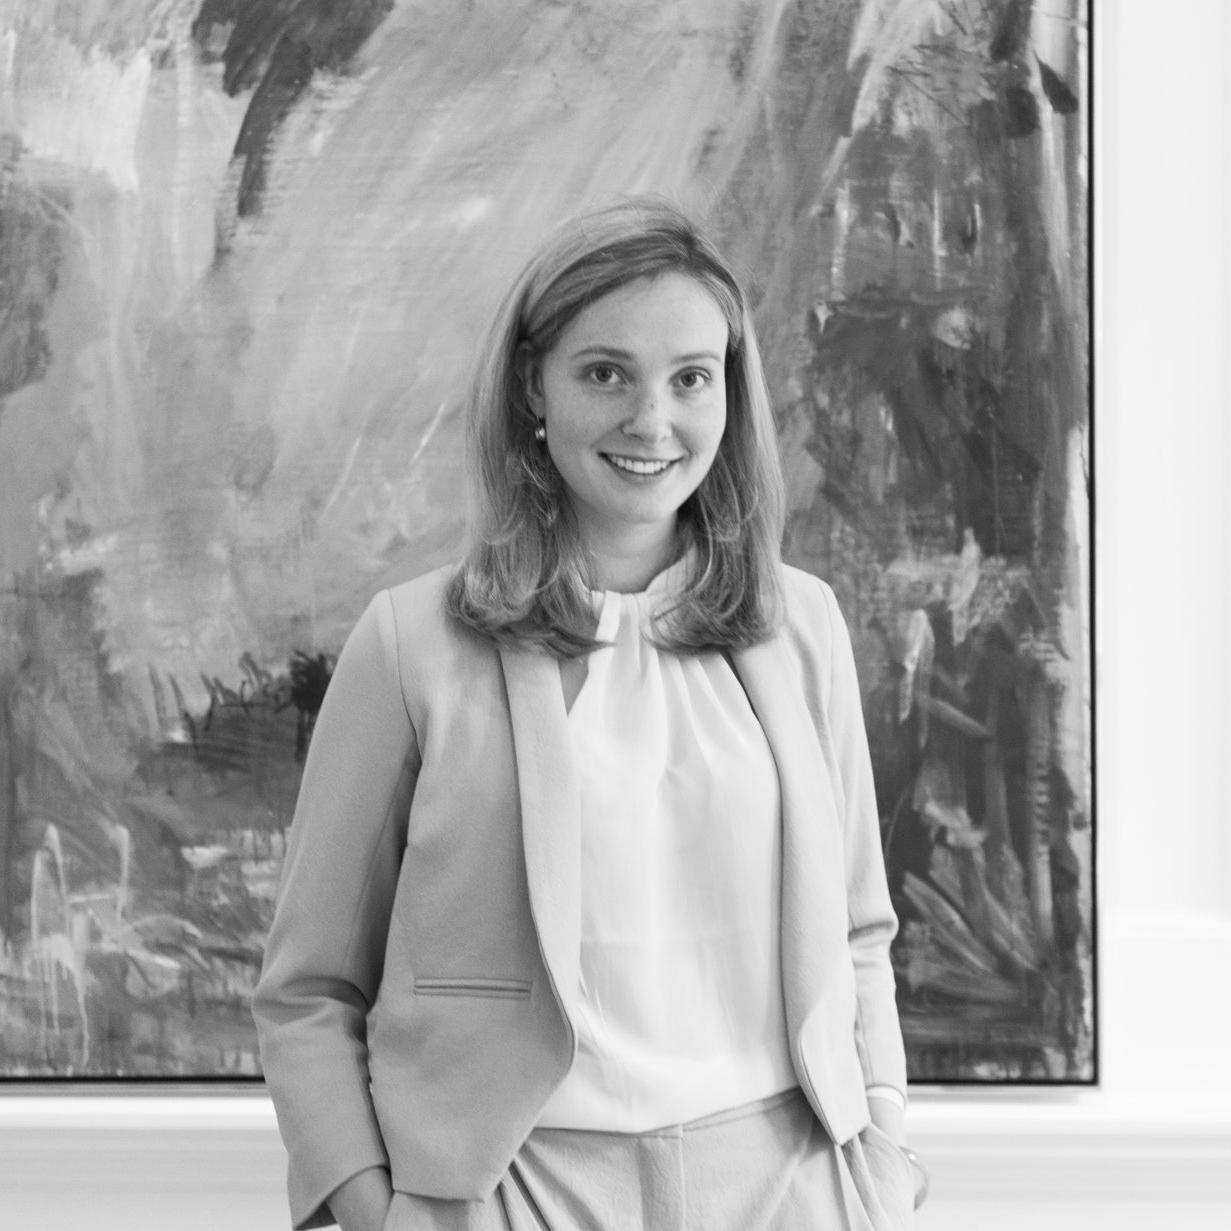 Marlene von Carnap  Associate Director, Michael Werner Gallery